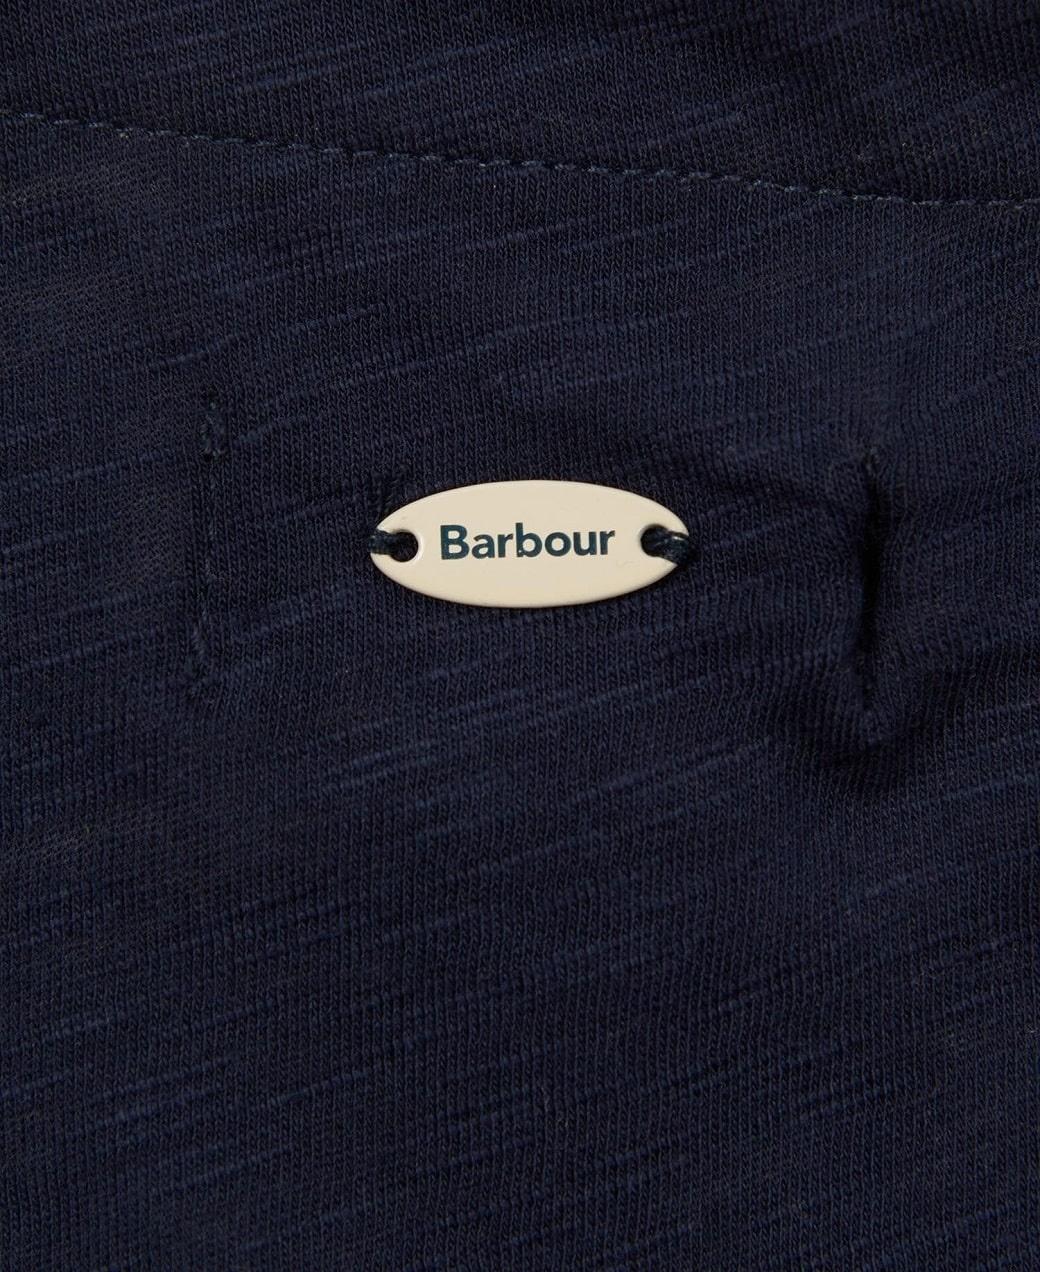 Barbour Brunswick Top Navy-6